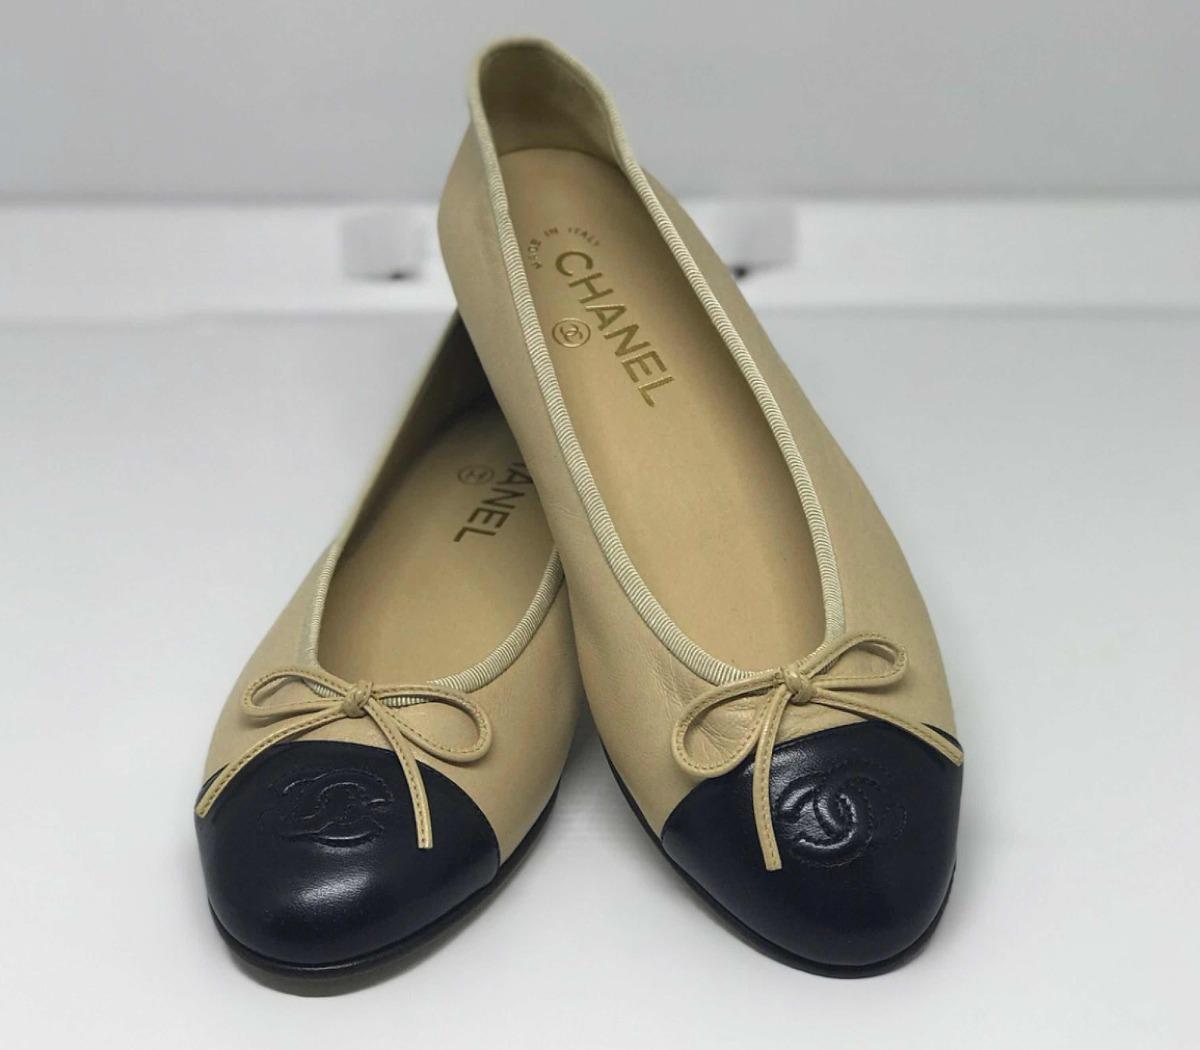 838c3e2d6 Sapatilha Chanel Preto Com Bege Couro Original - R$ 999,57 em ...